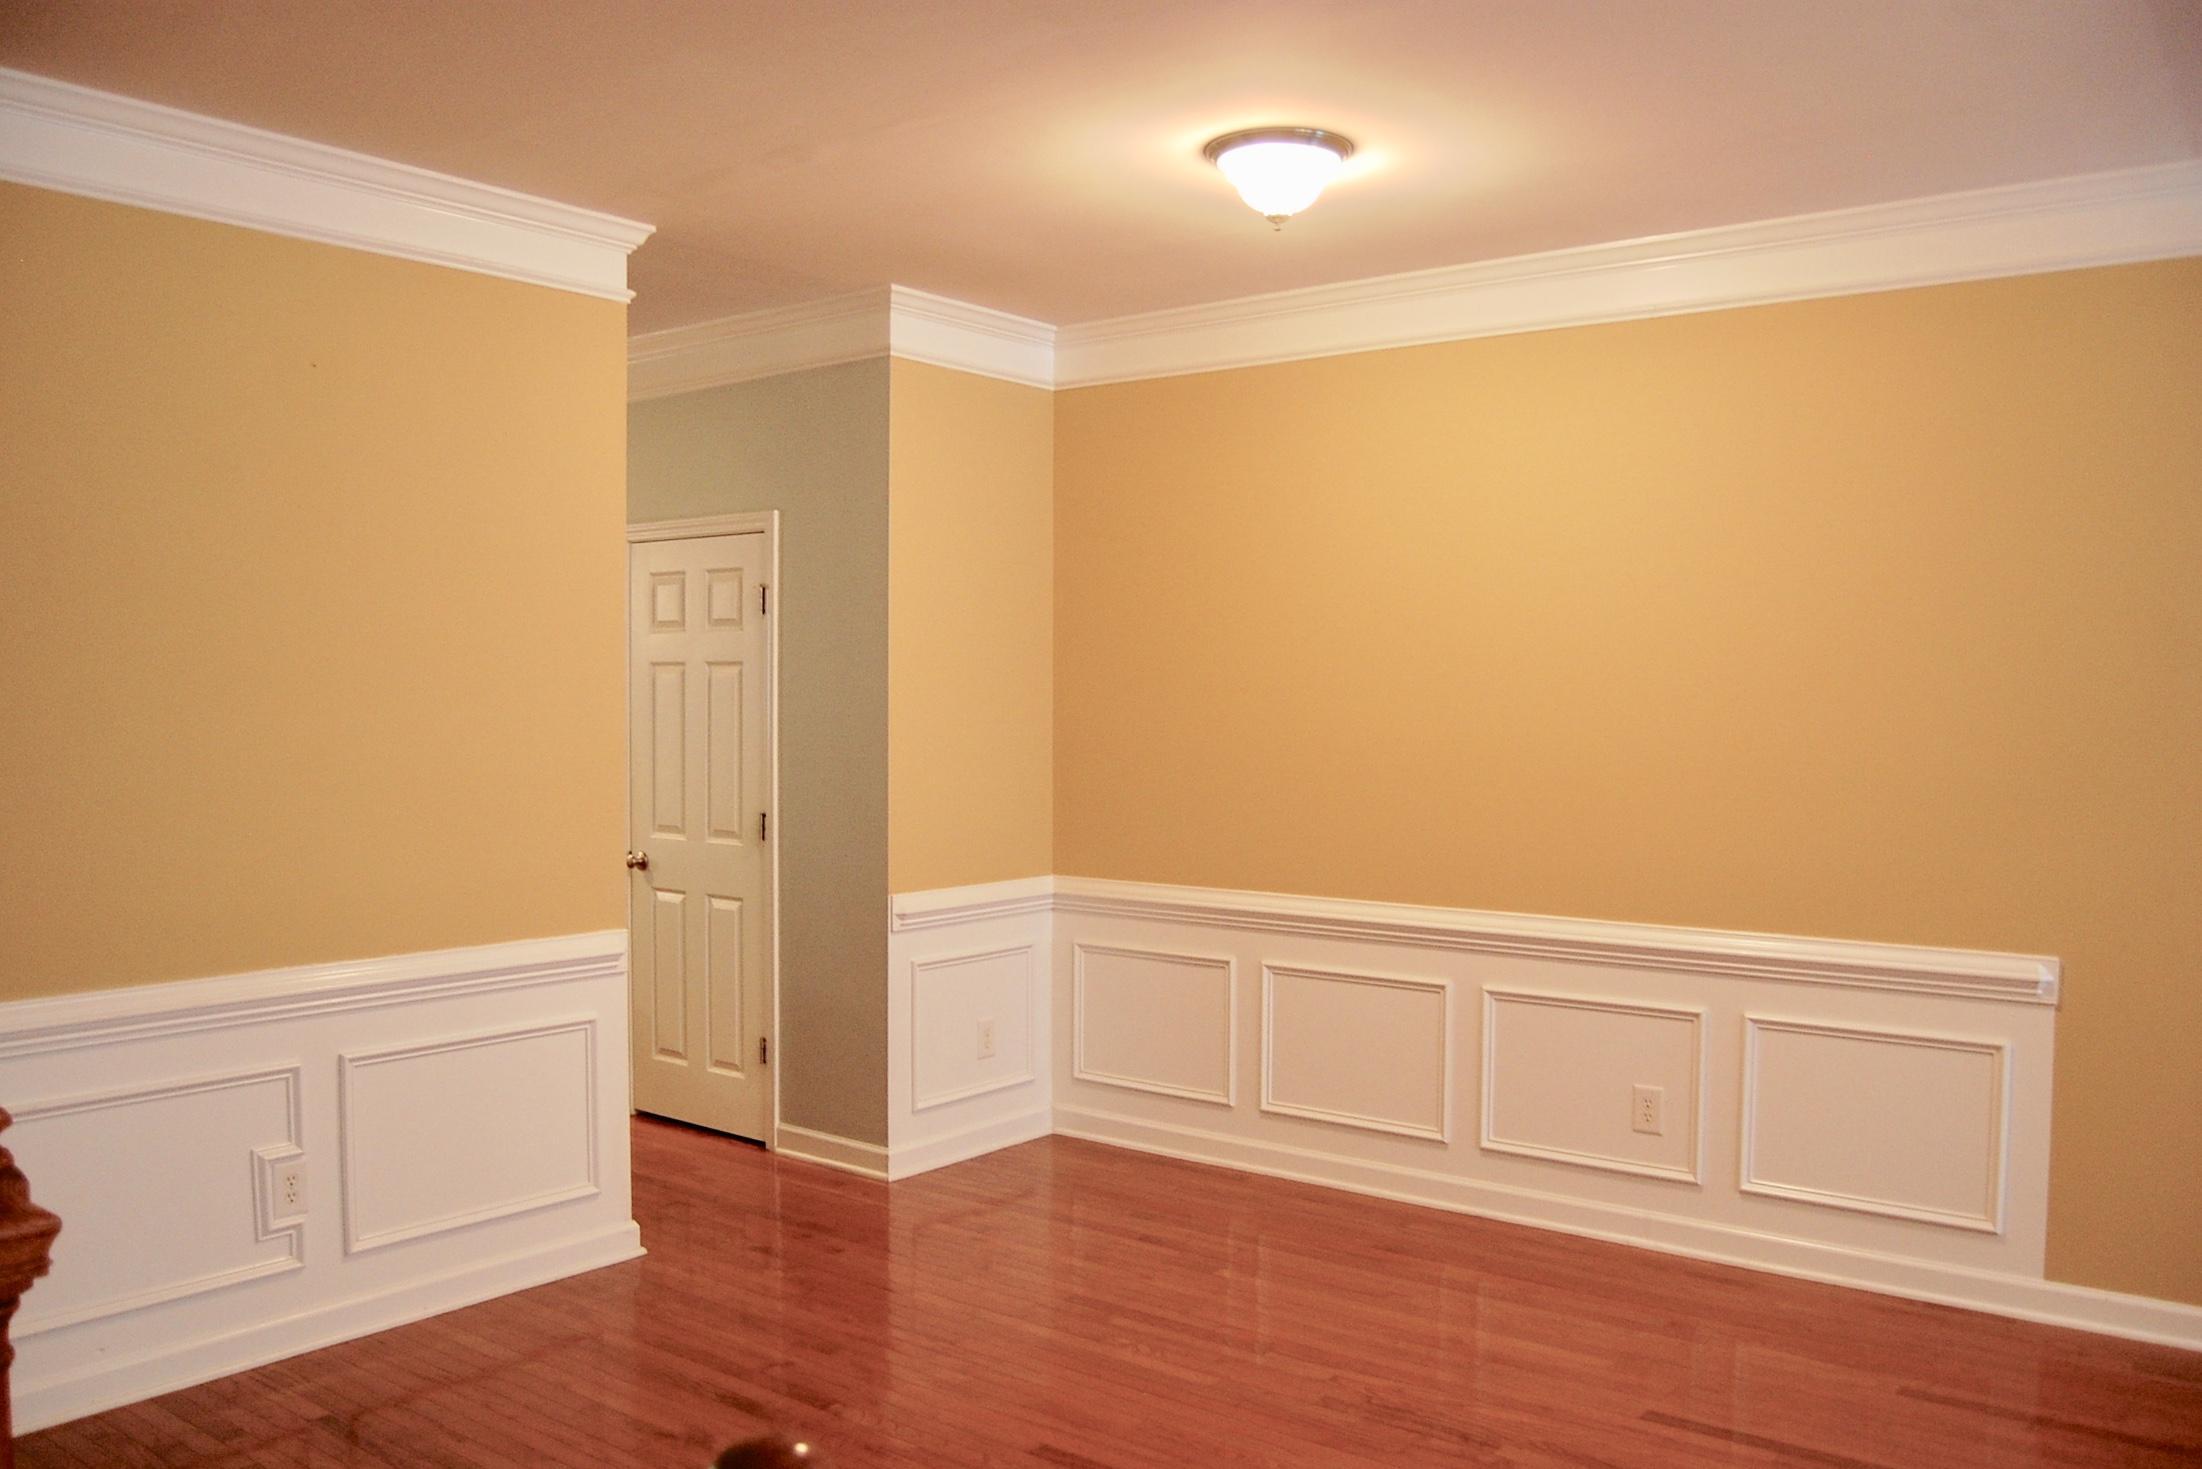 Park West Homes For Sale - 3529 Claremont, Mount Pleasant, SC - 3